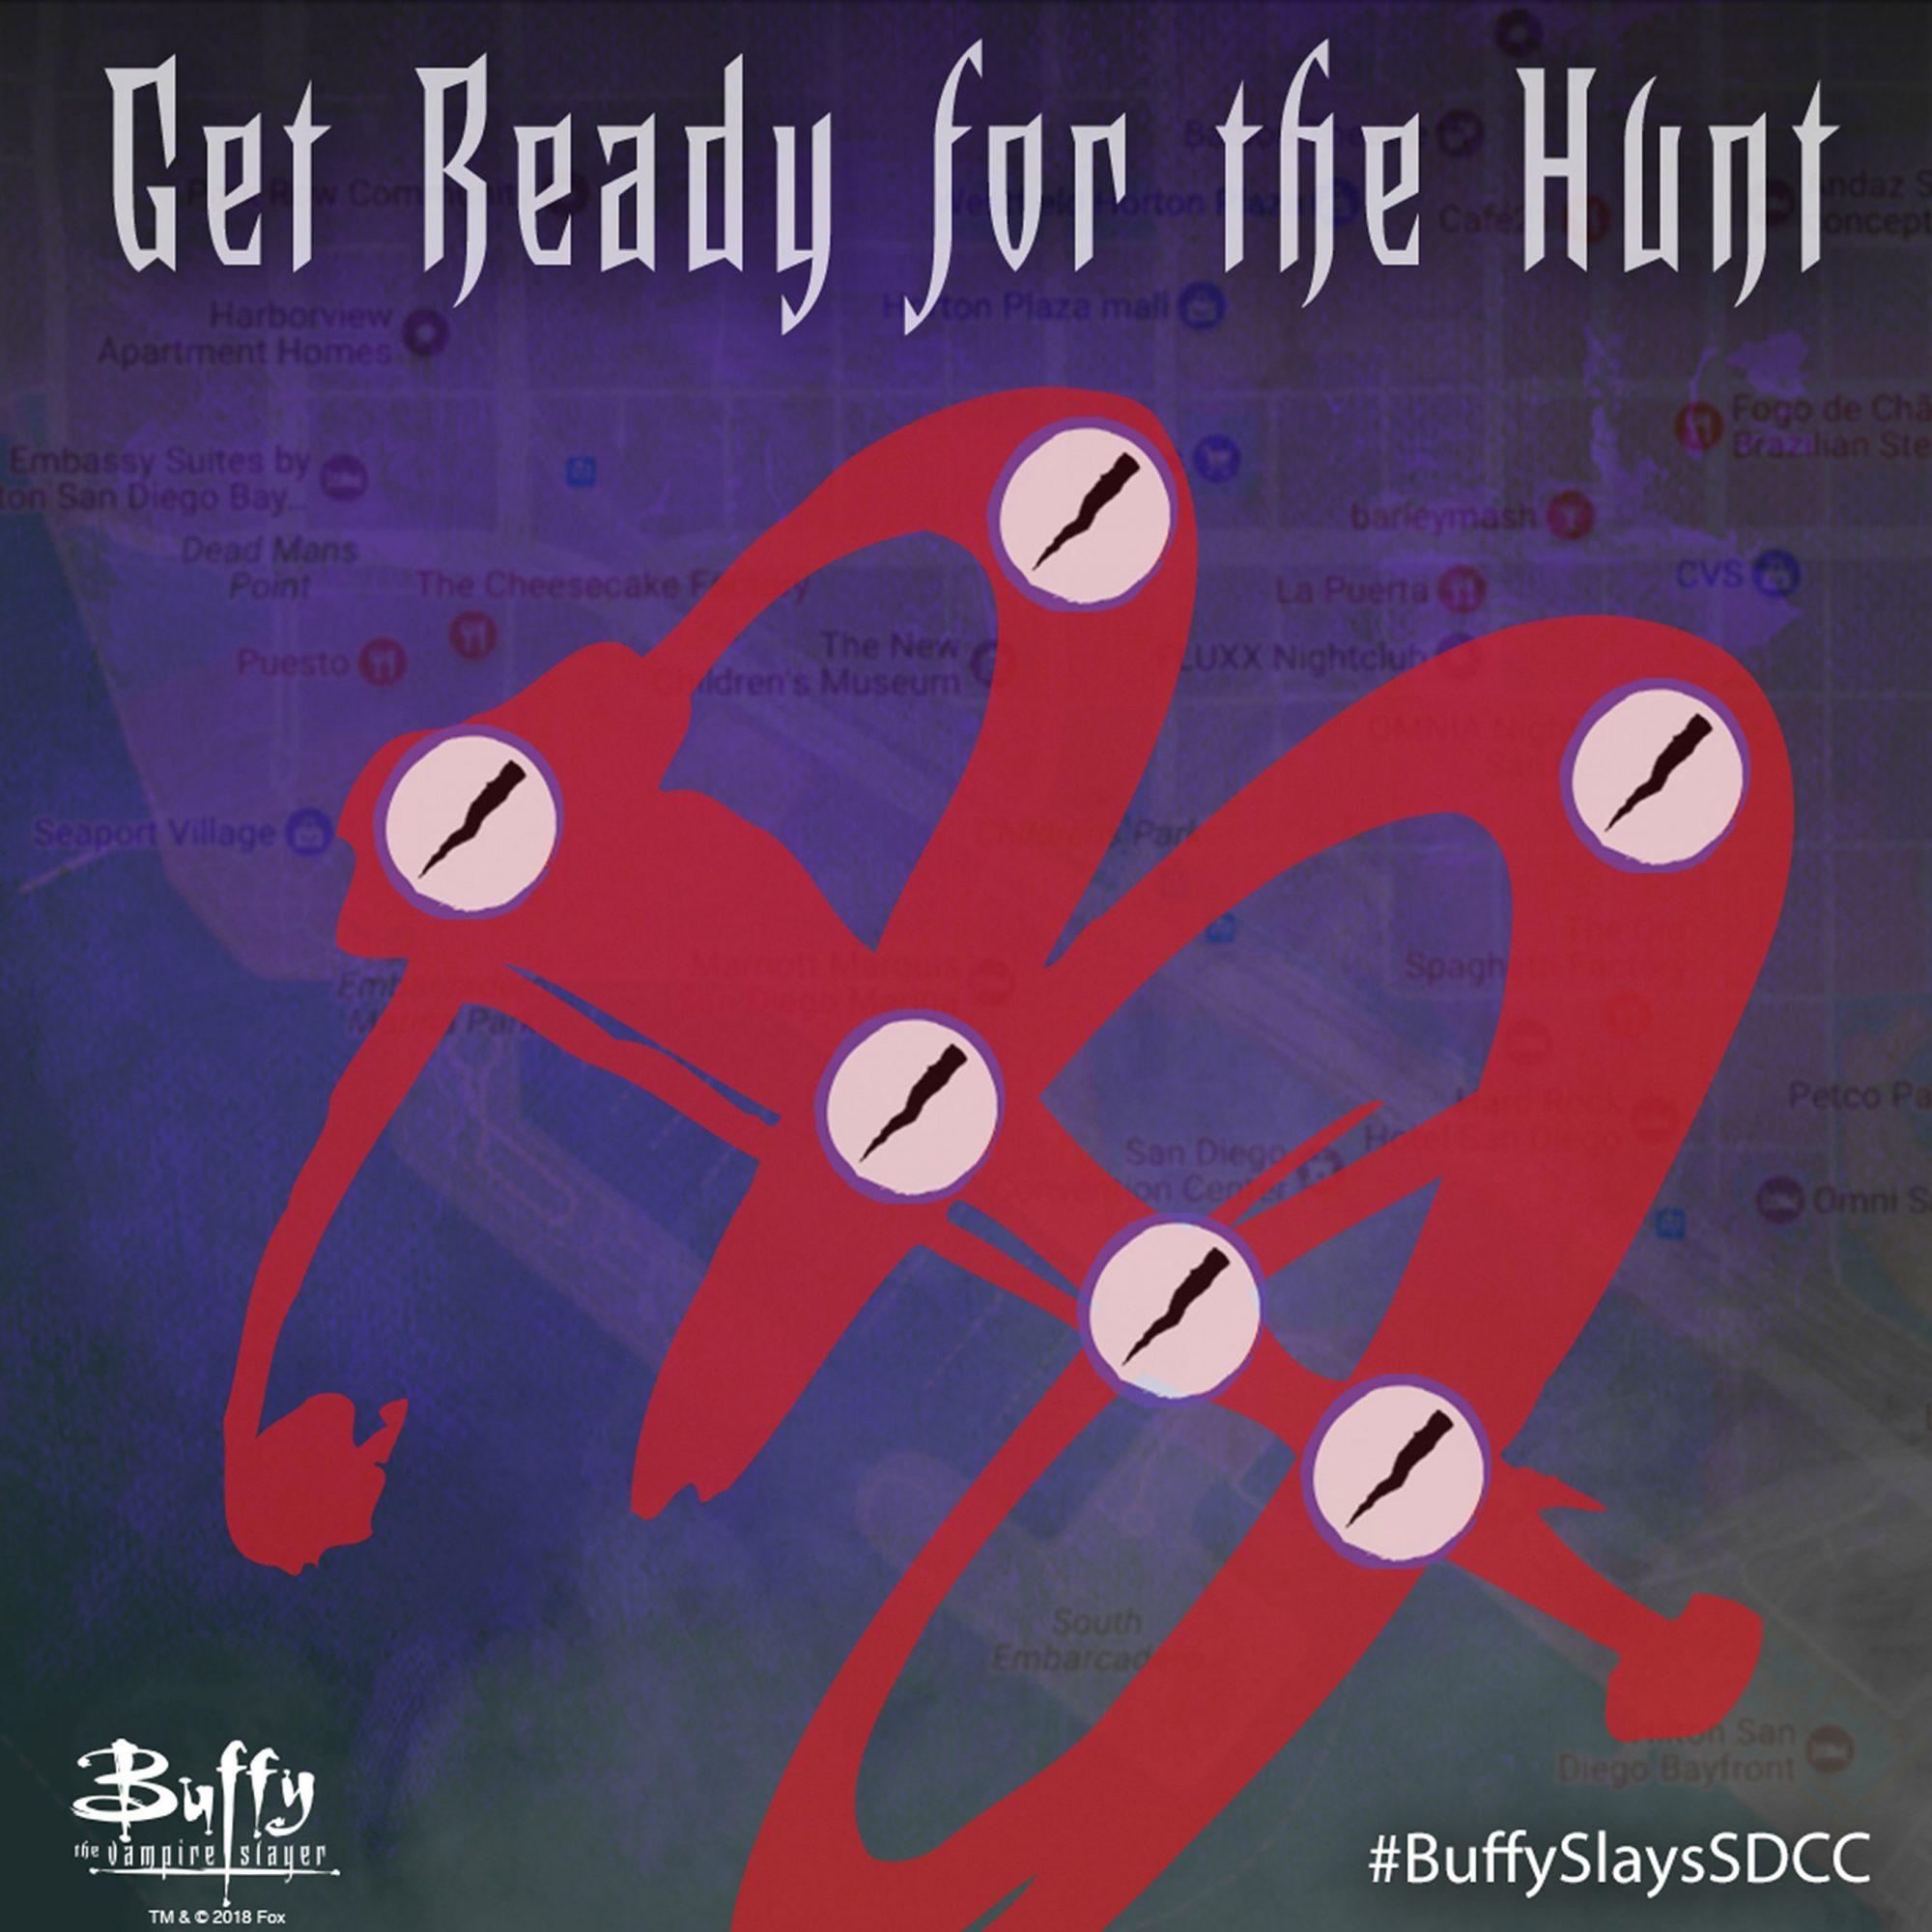 Buffy the Vampire Slayer scavenger hunt